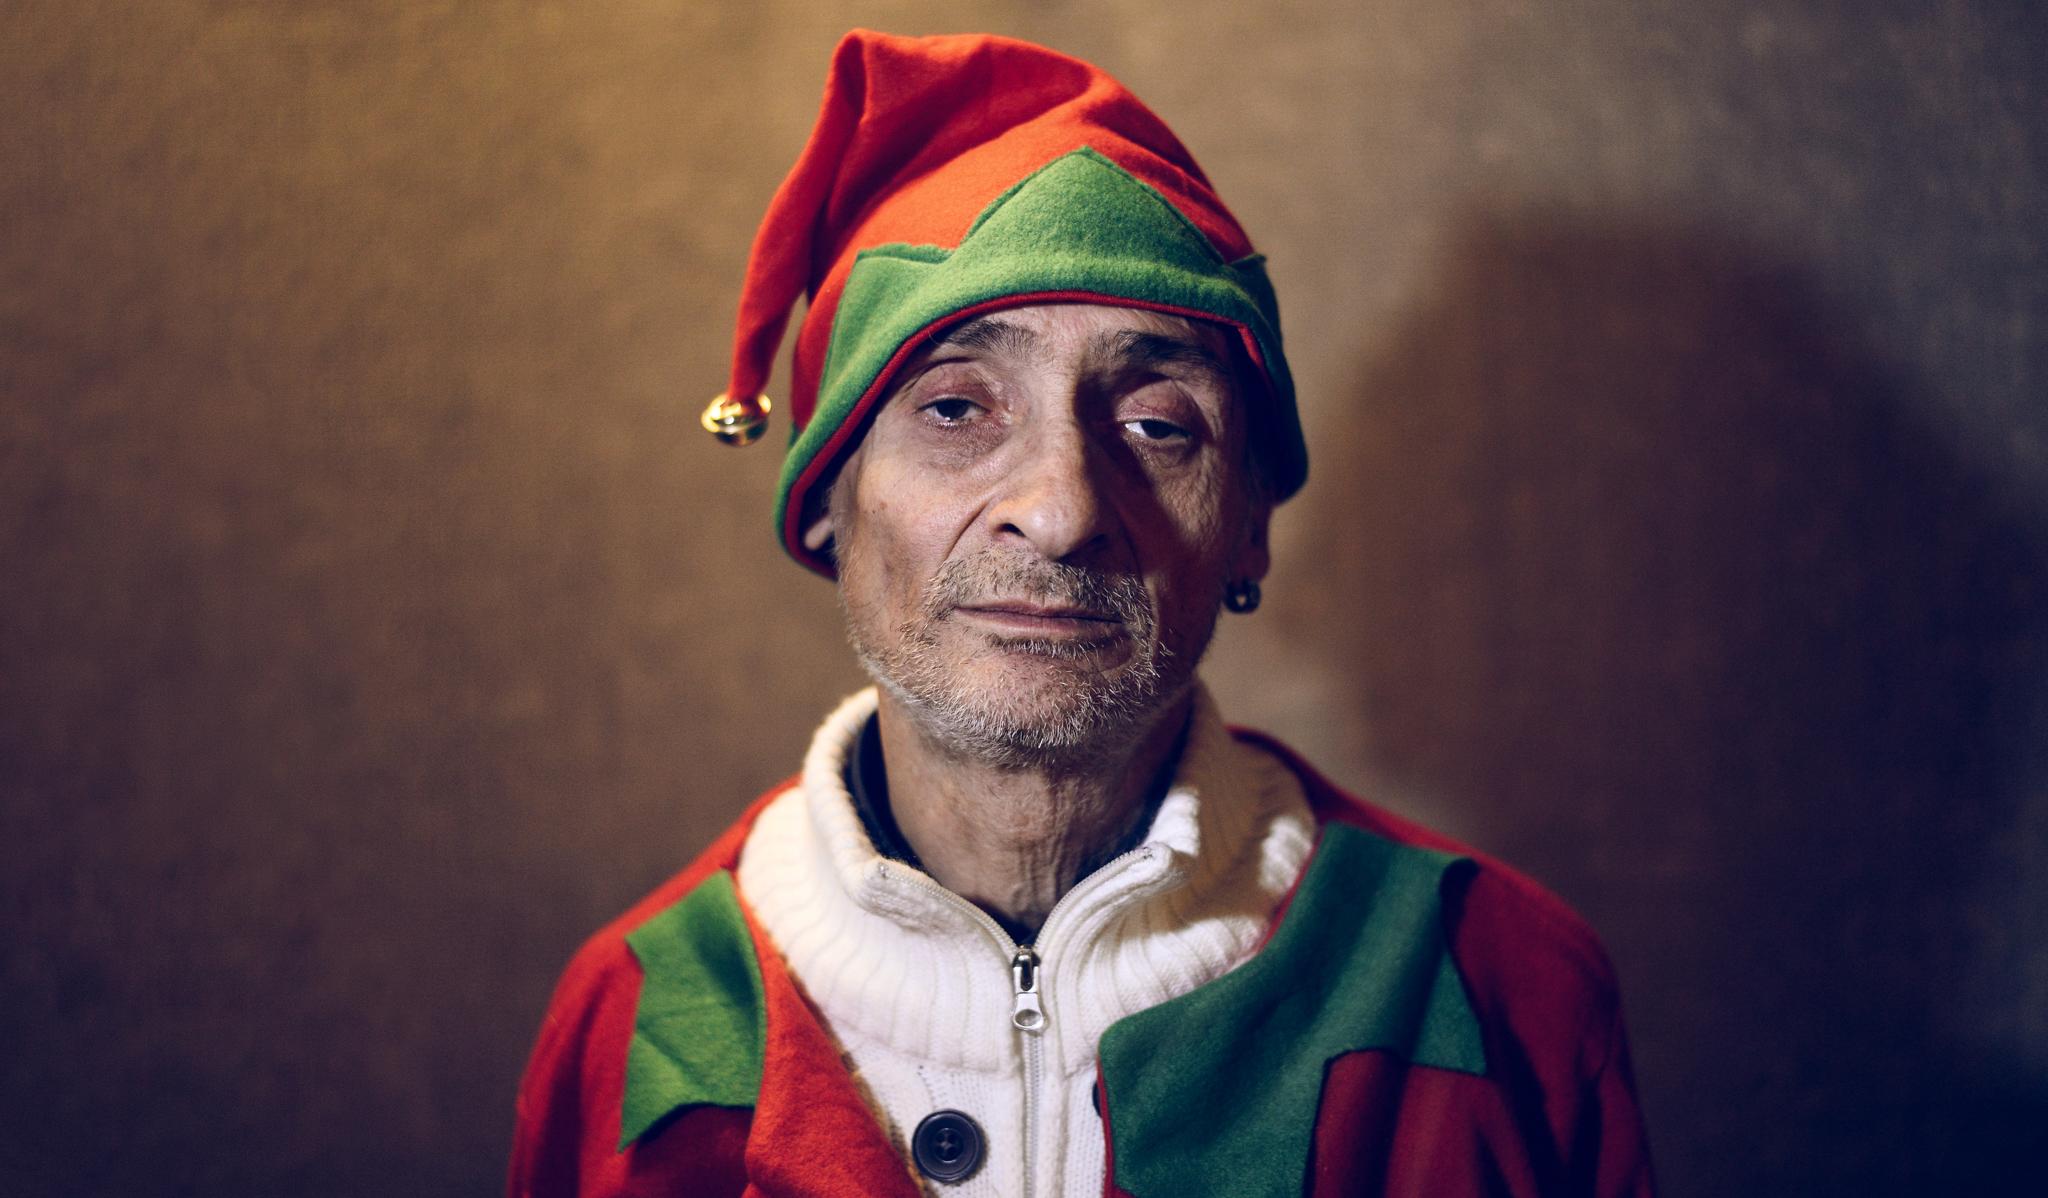 Santa Claus Portrait by Luca Zizioli